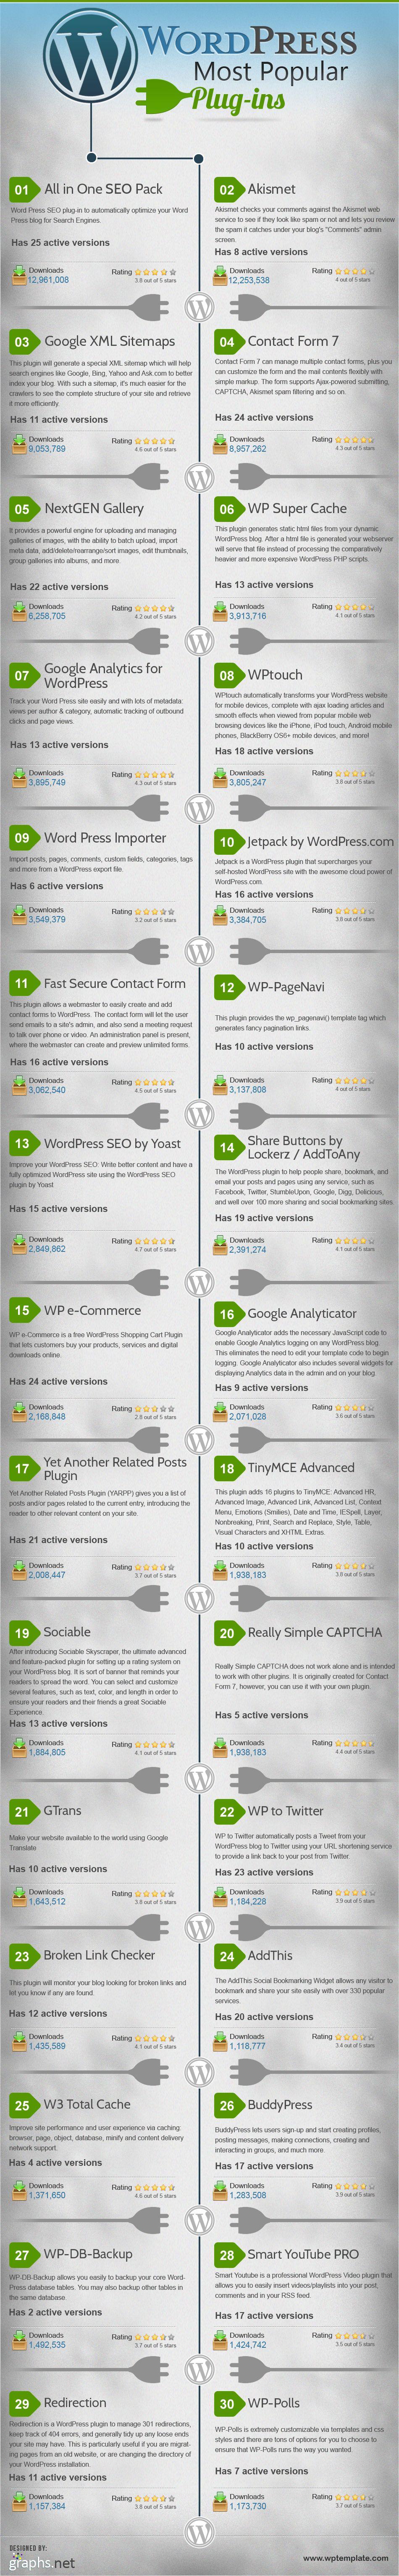 Los 30 plugins más populares de WordPress